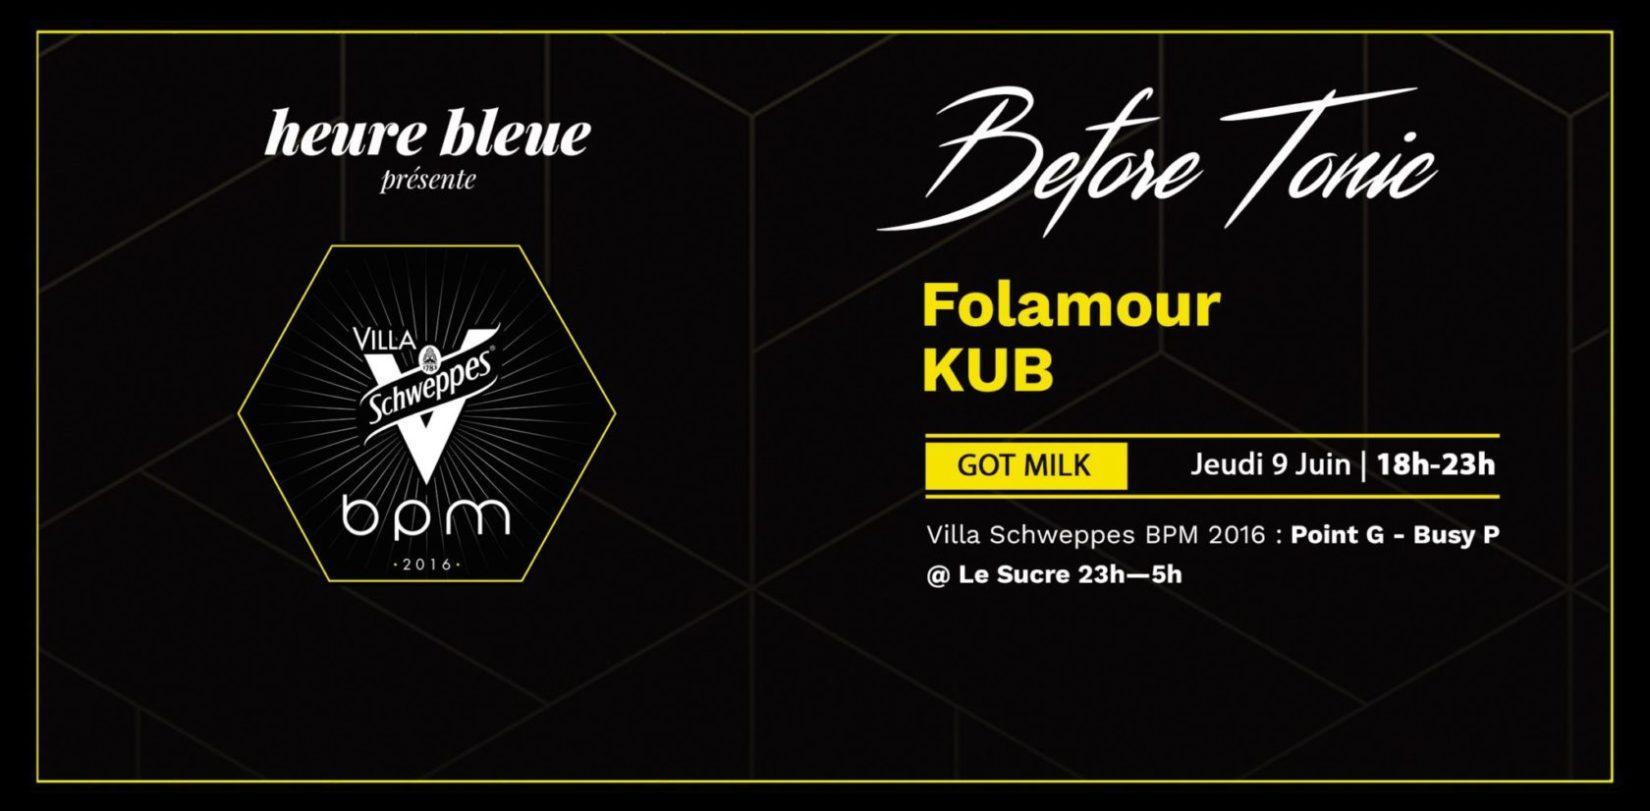 Heure Bleue présente le Before Tonic de la Villa Schweppes BPM 2016